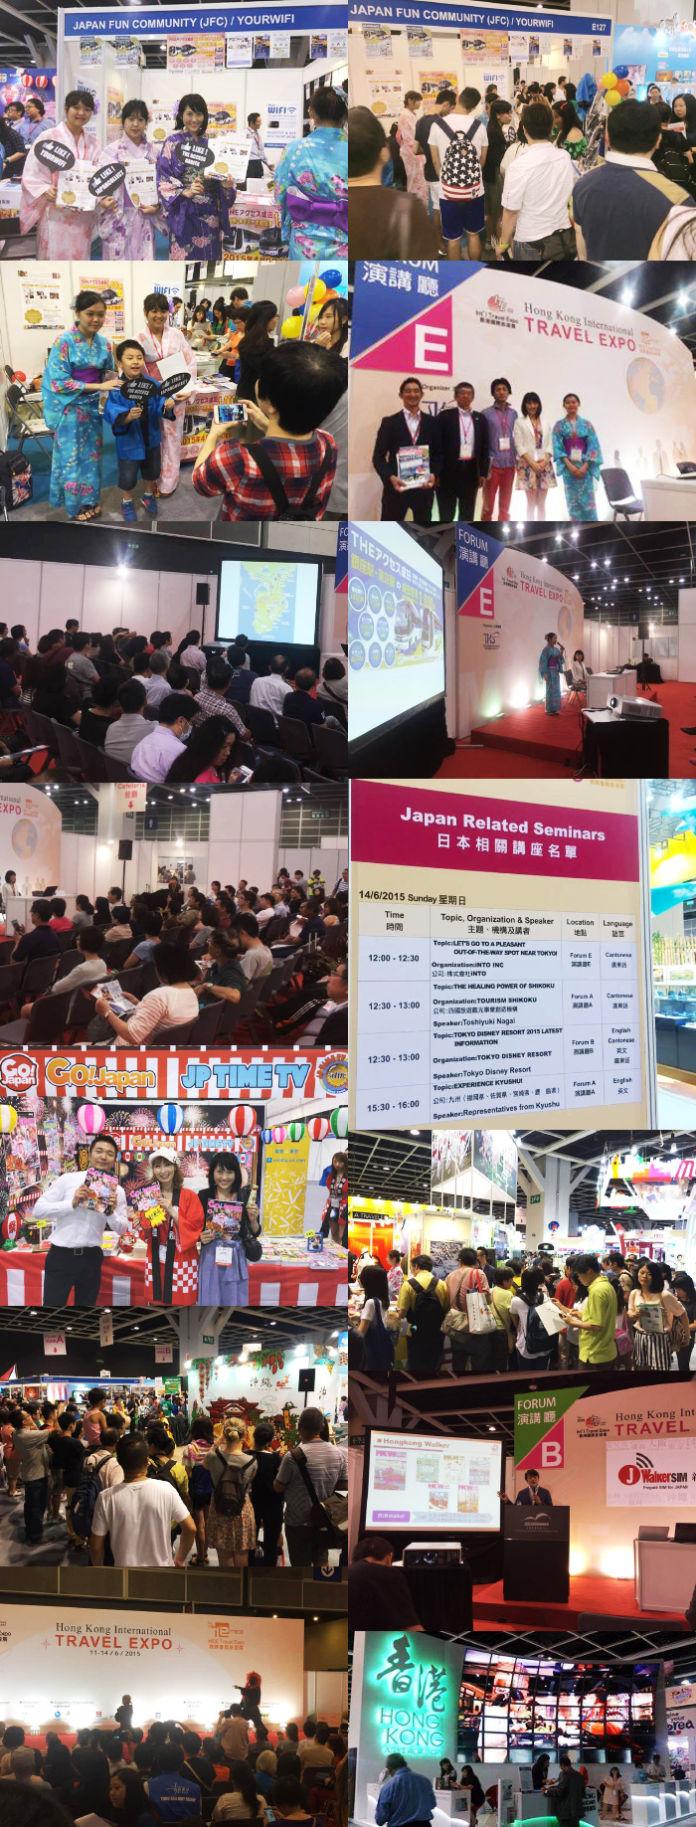 【ITE参加のご報告】2つのサービス「Yourwifi」、「THEアクセス成田」のPR、及び弊社代表小松崎によるセミナーを開催させていただきました。